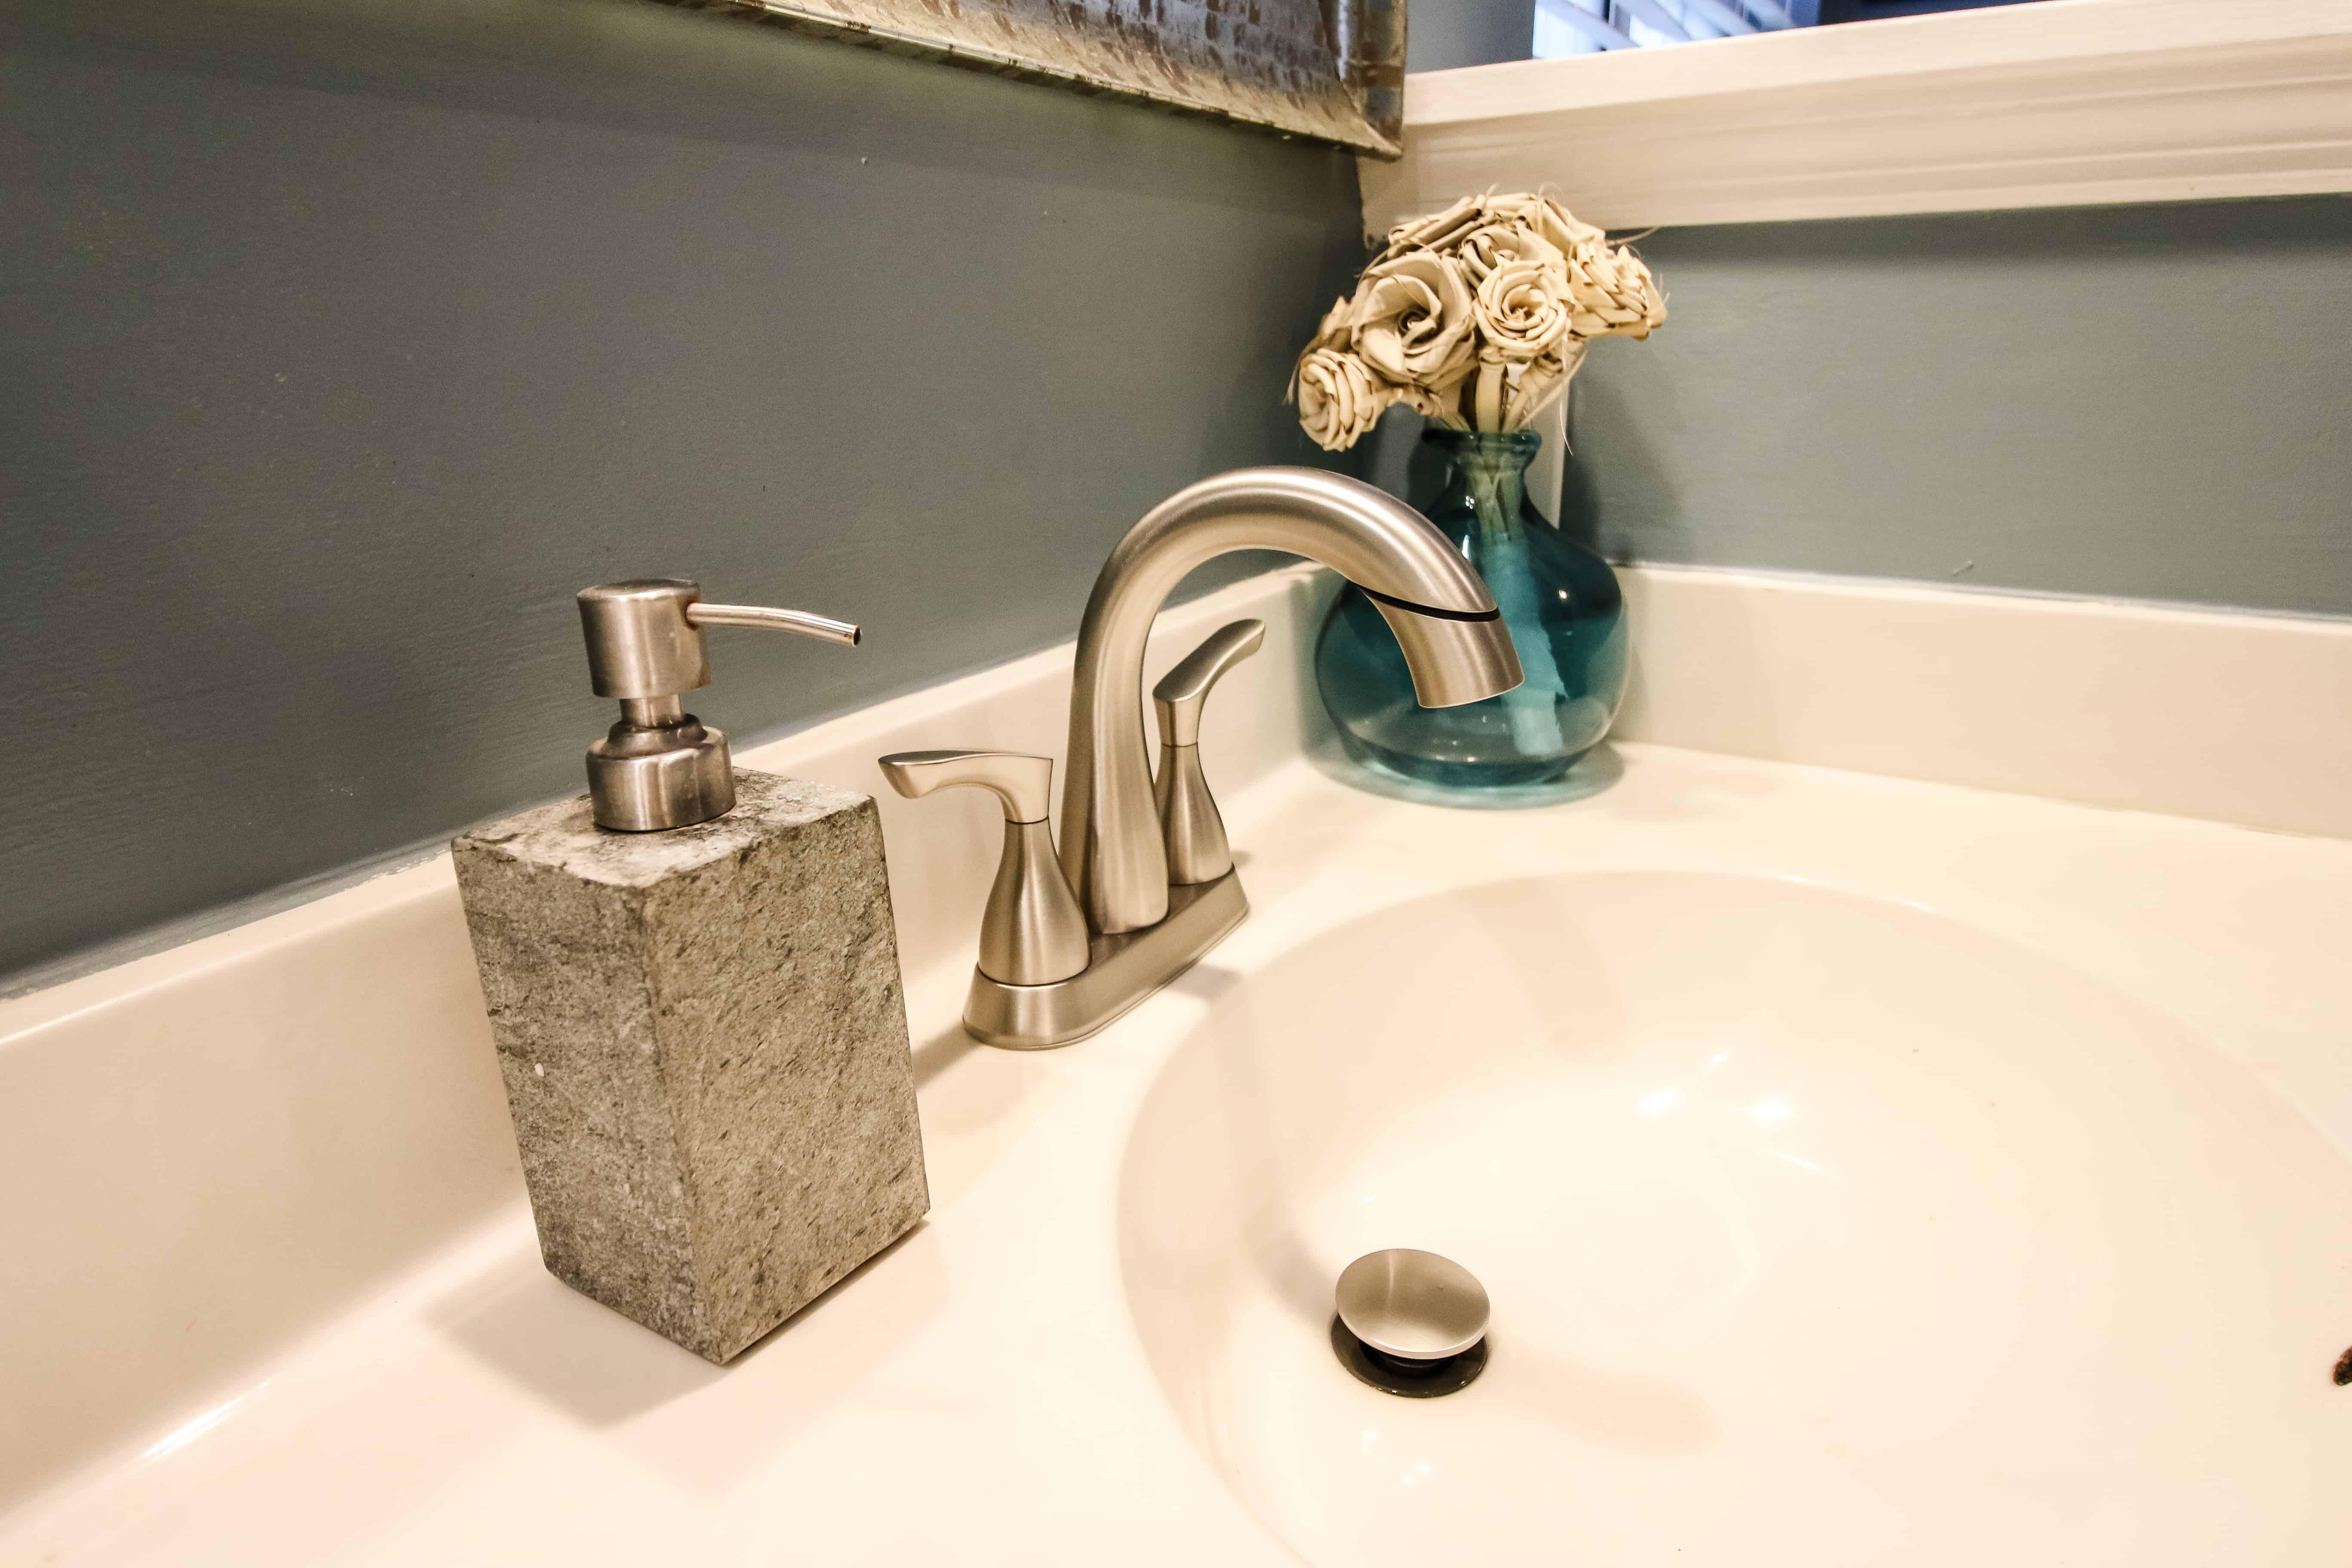 New Delta Broadmoor Faucet